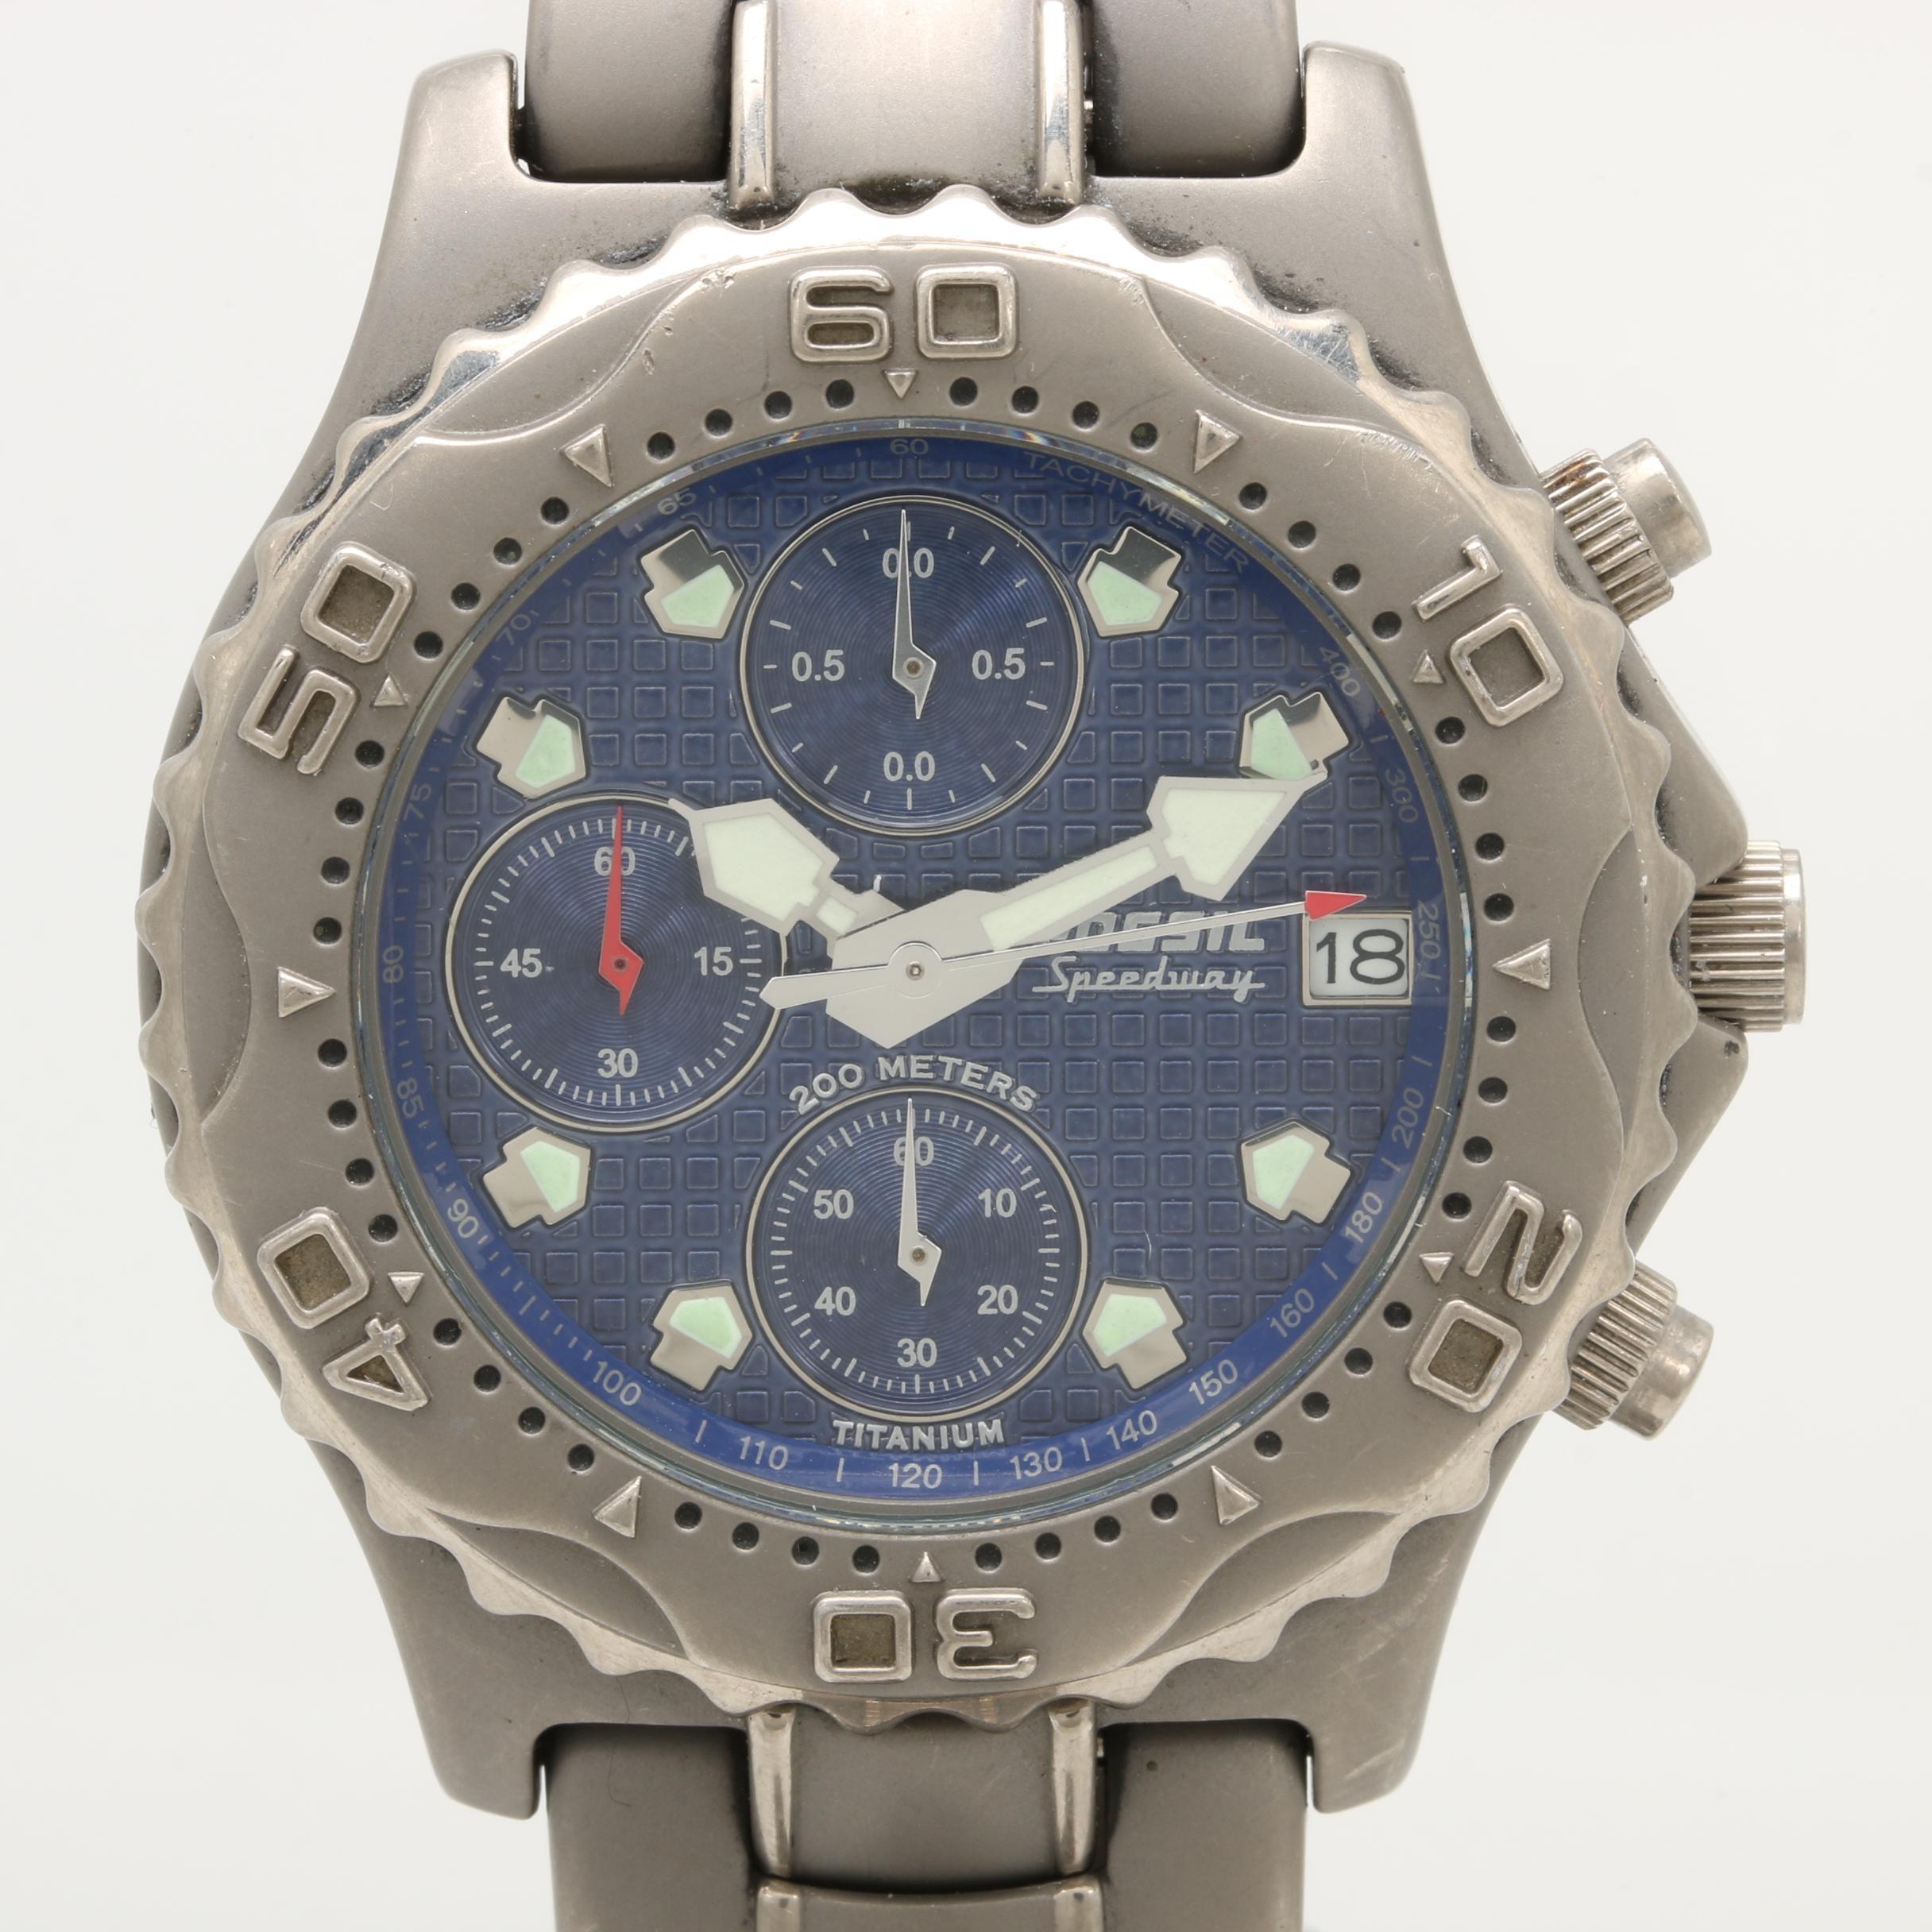 """Fossil """"Speedway"""" Titanium Wristwatch"""